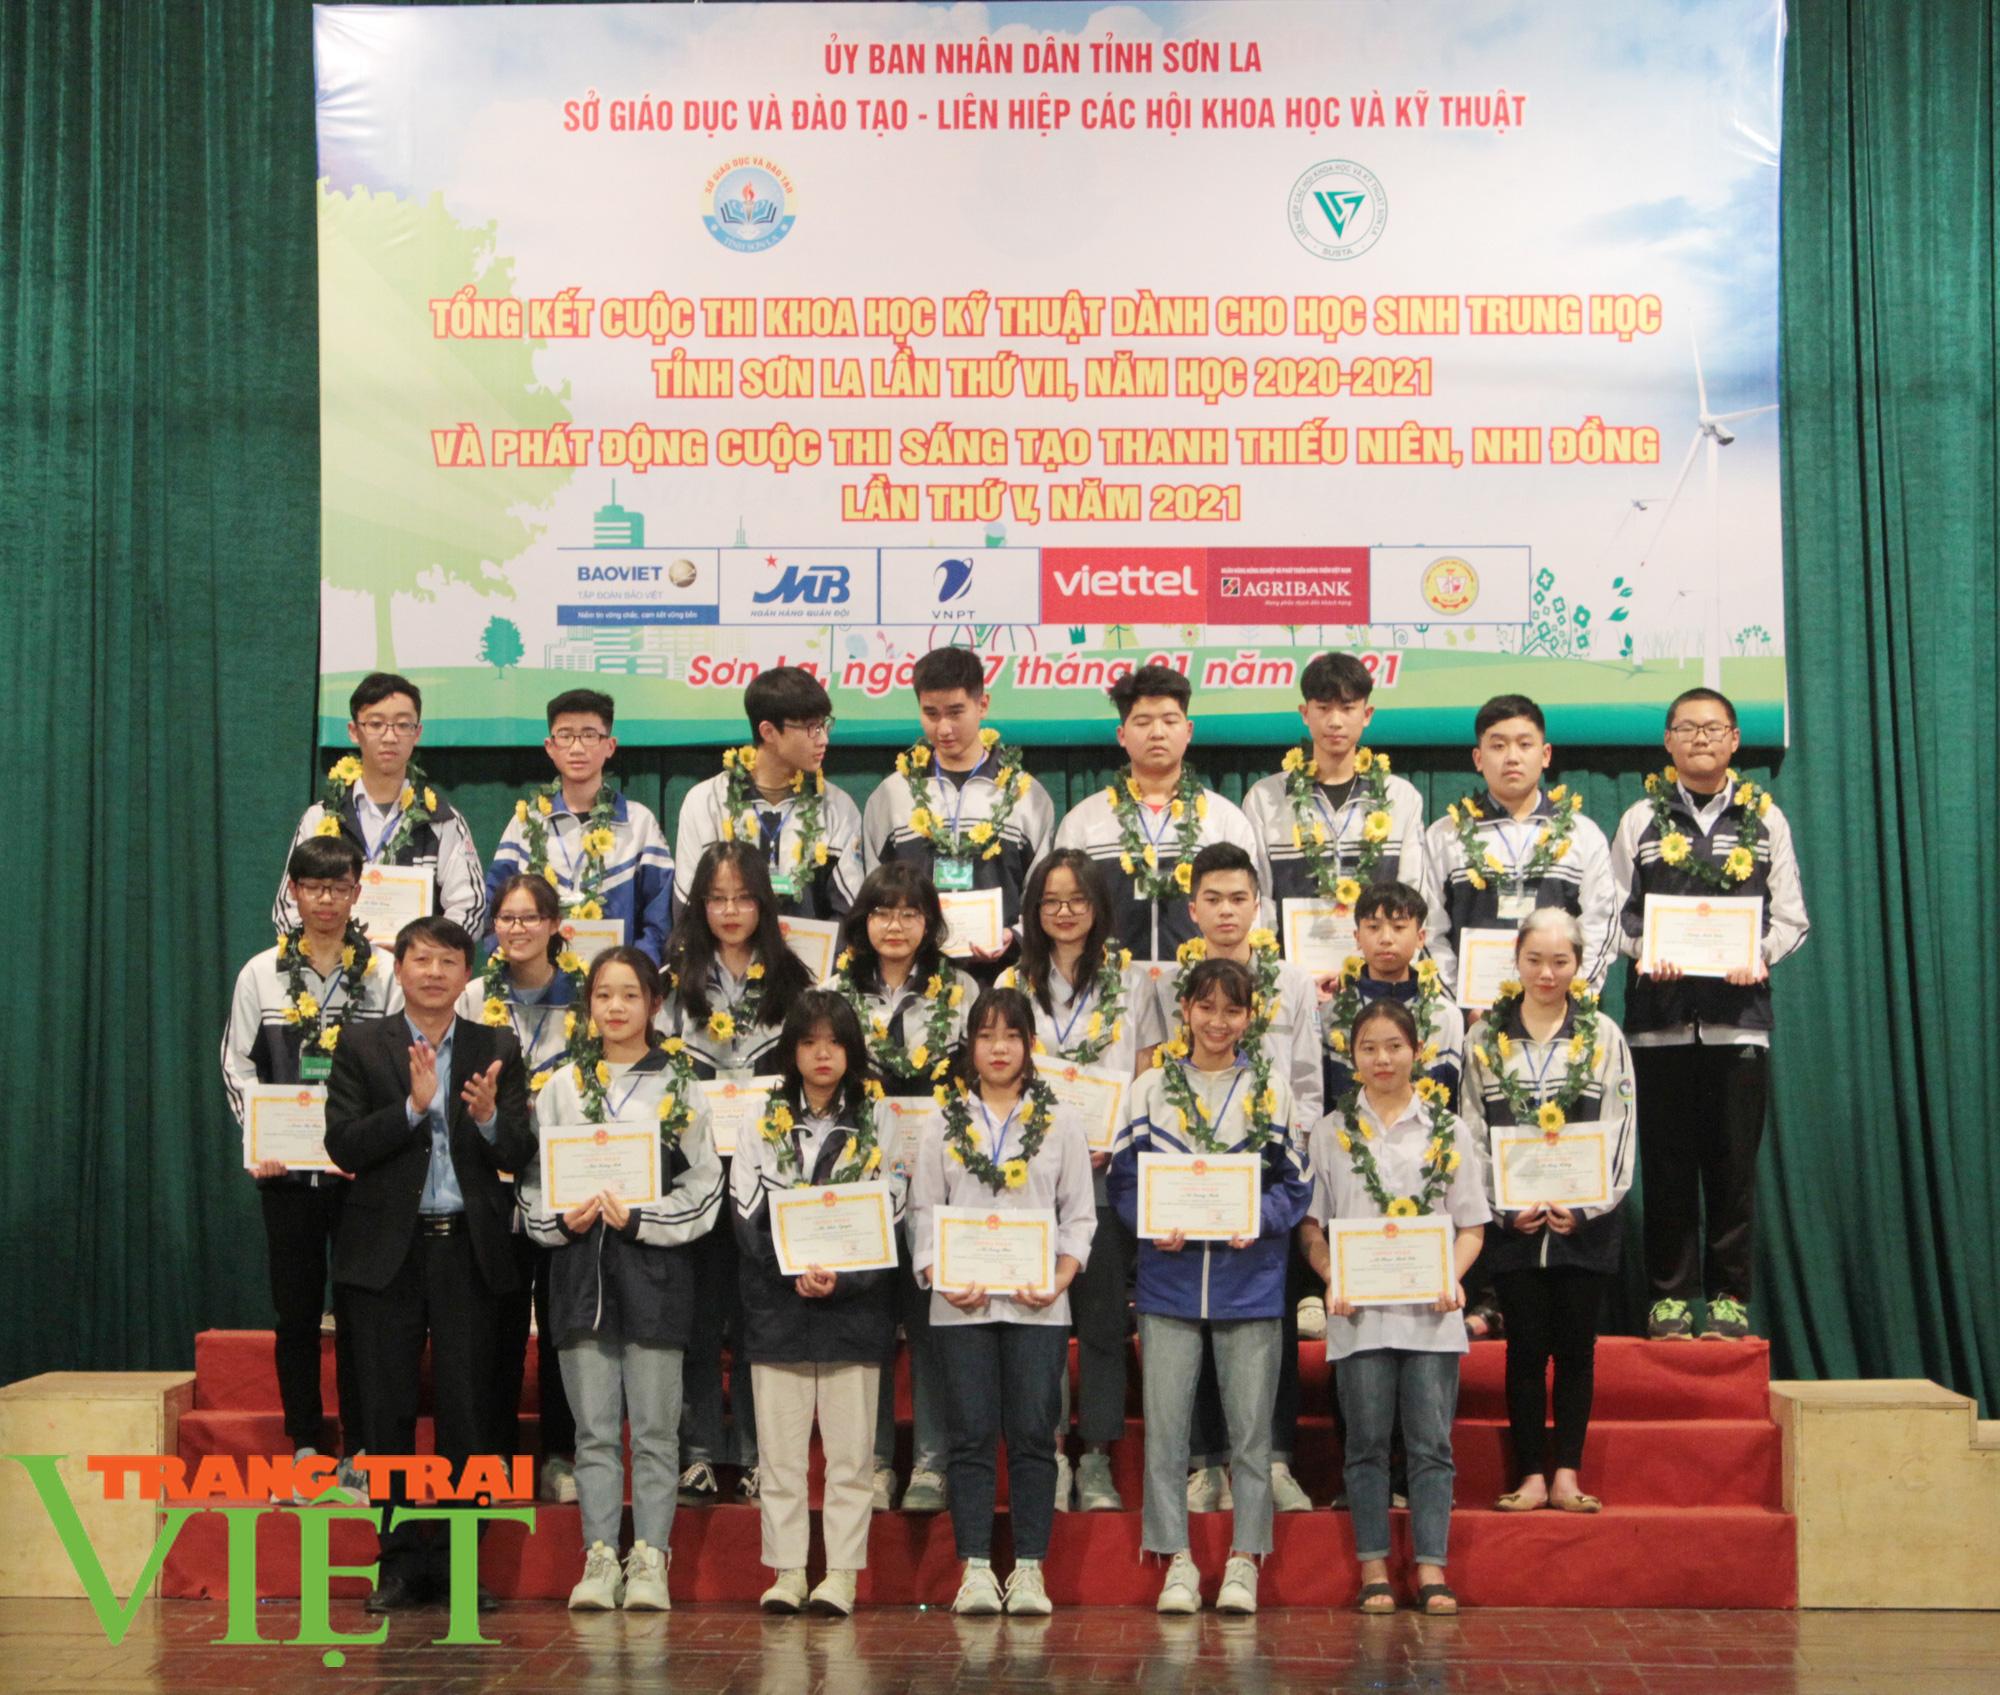 Sơn La: 81 dựa án đoạt giải Cuộc thi khoa học kỹ thuật cấp tỉnh - Ảnh 3.